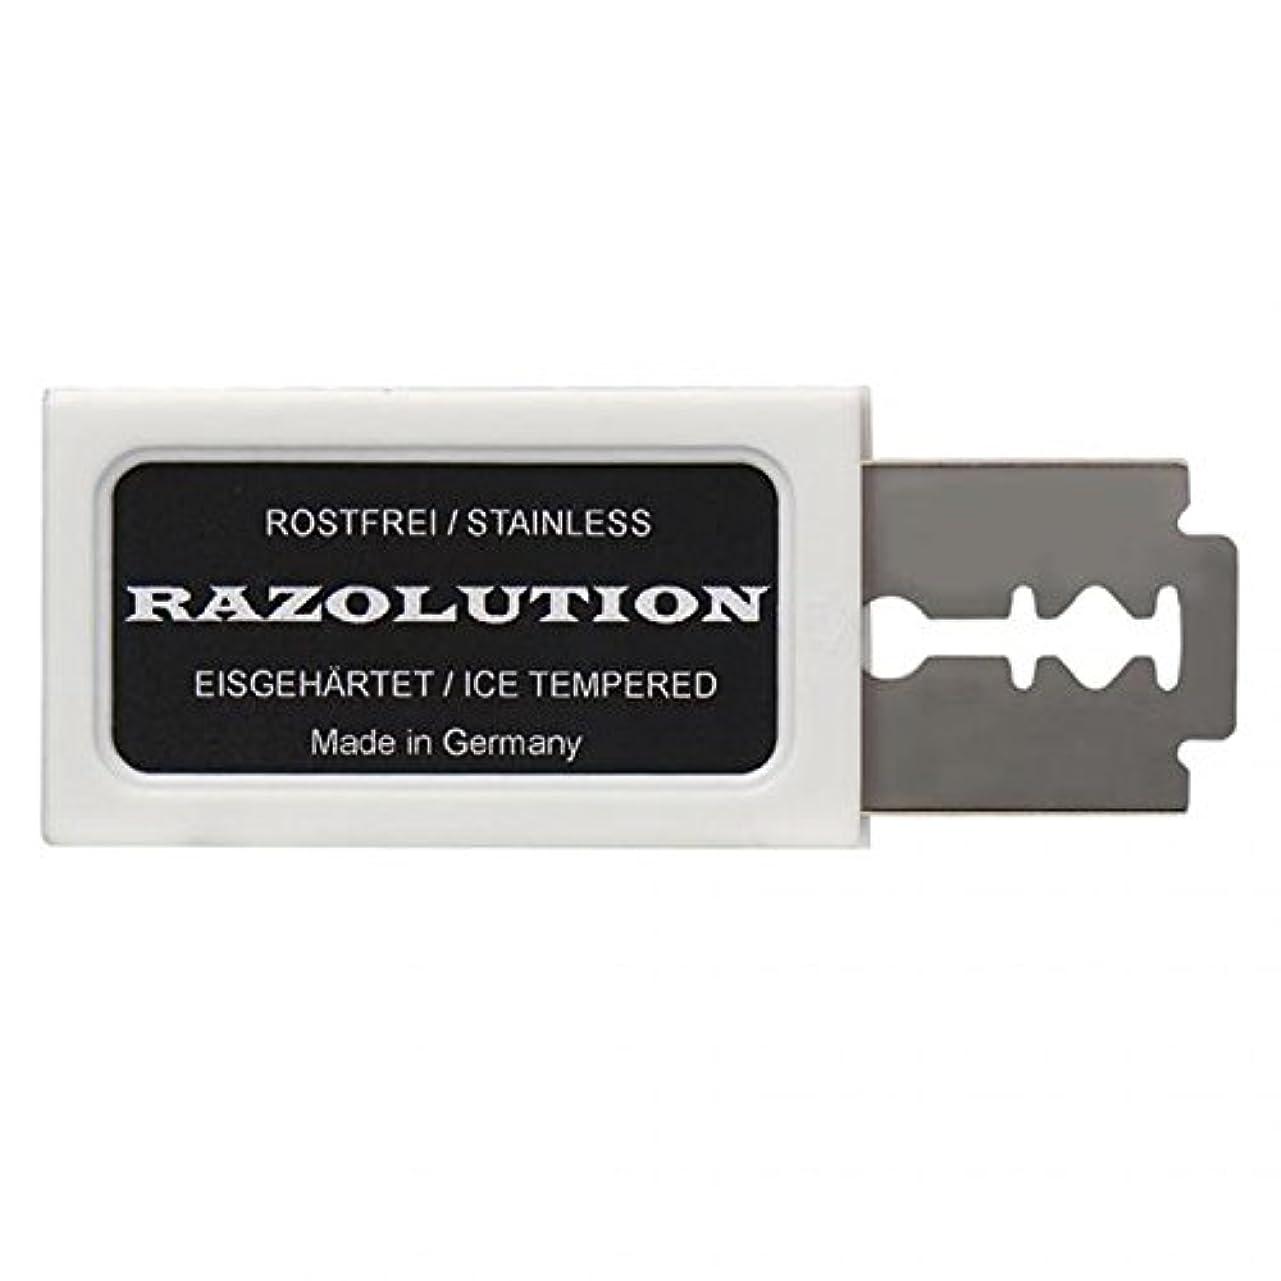 麻酔薬音節却下するRAZOLUTION Razor blades, 10 pieces, Made in Germany